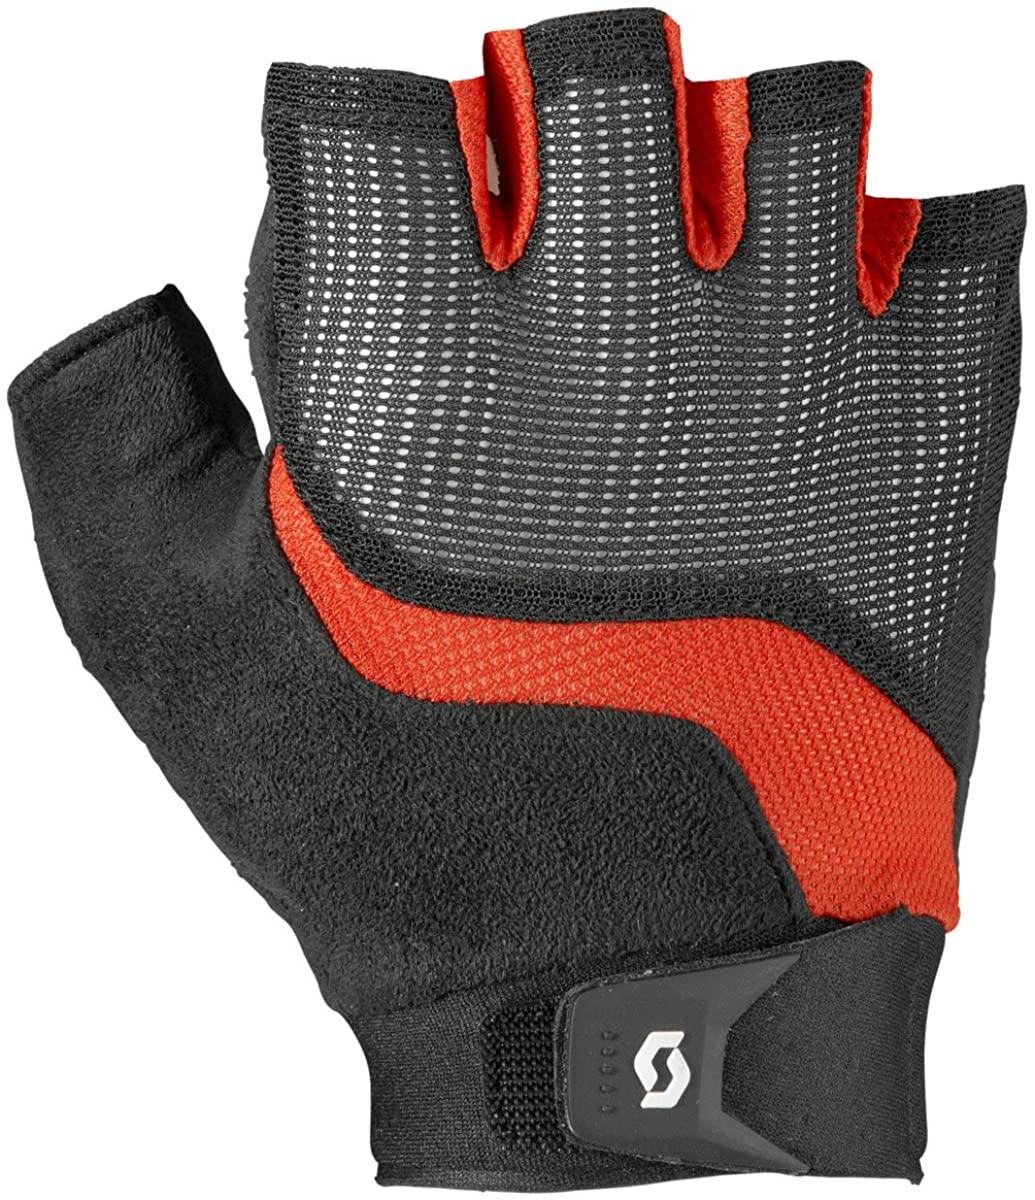 Scott Essential SF Glove - Men's Black/Fiery Red, XS